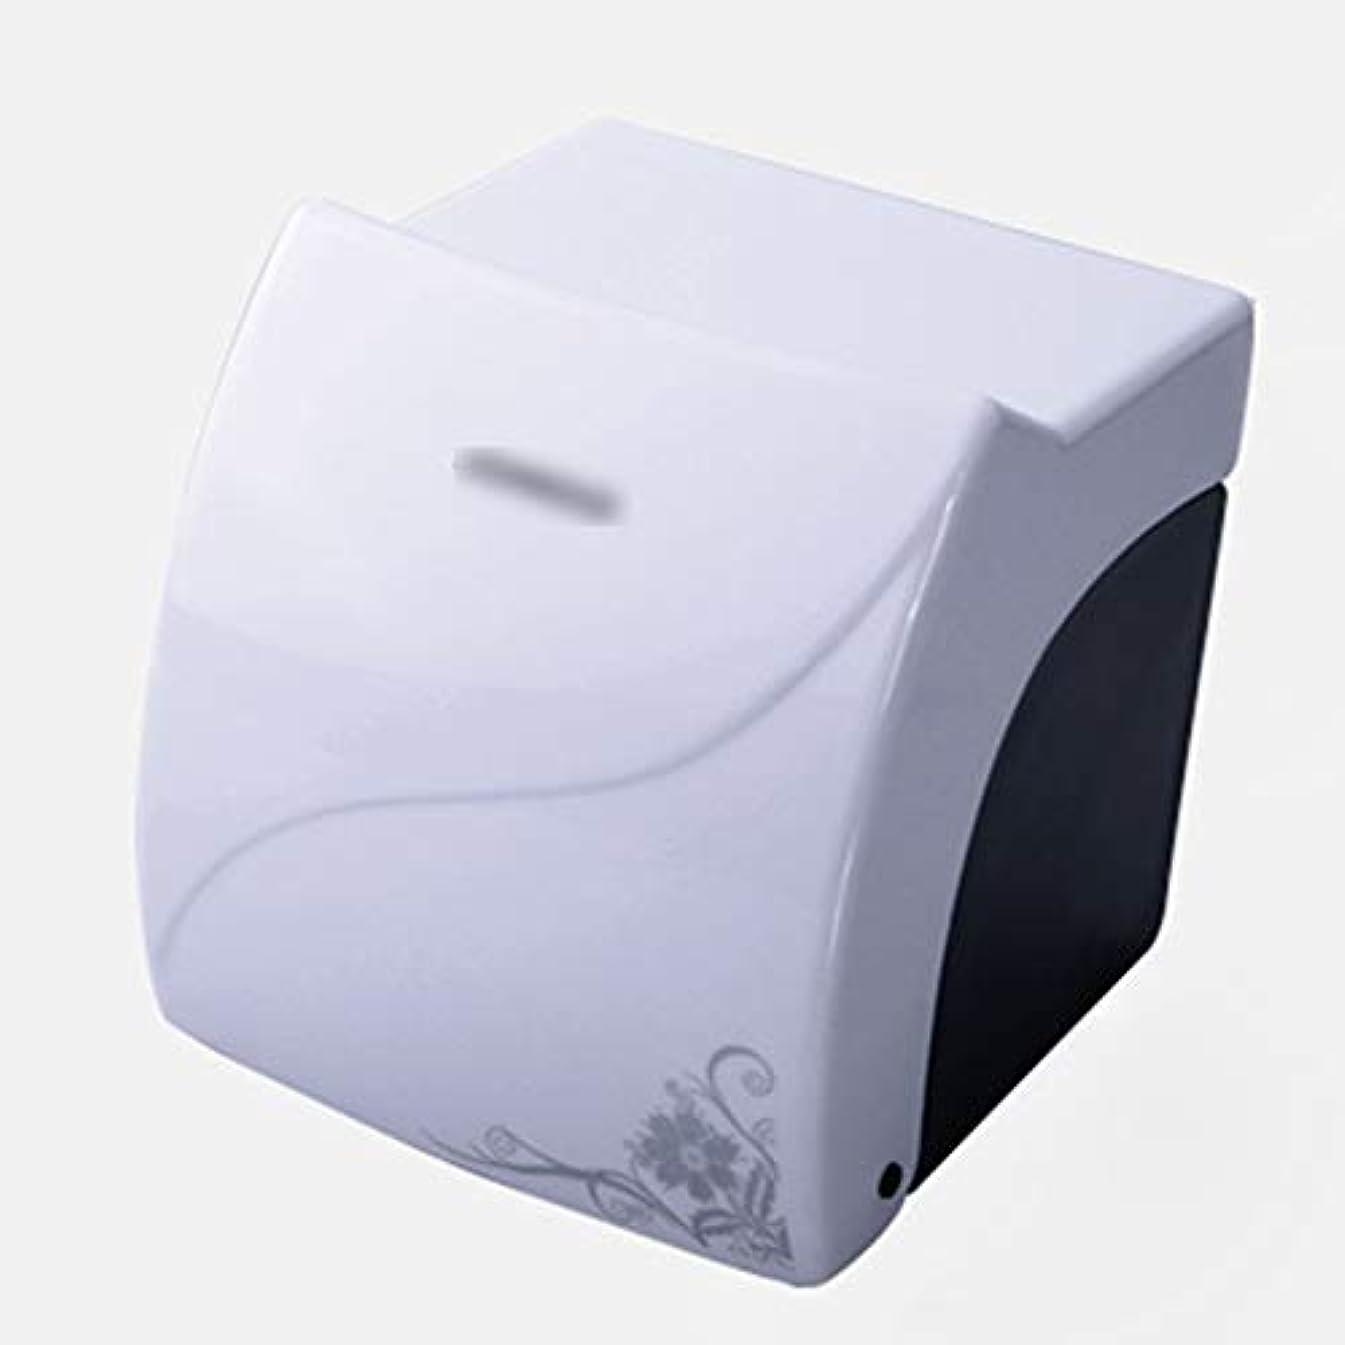 欺食品カスケードZZLX 紙タオルホルダー、高品質ABS防水ティッシュボックストイレットペーパーボックスペーパーホルダー ロングハンドル風呂ブラシ